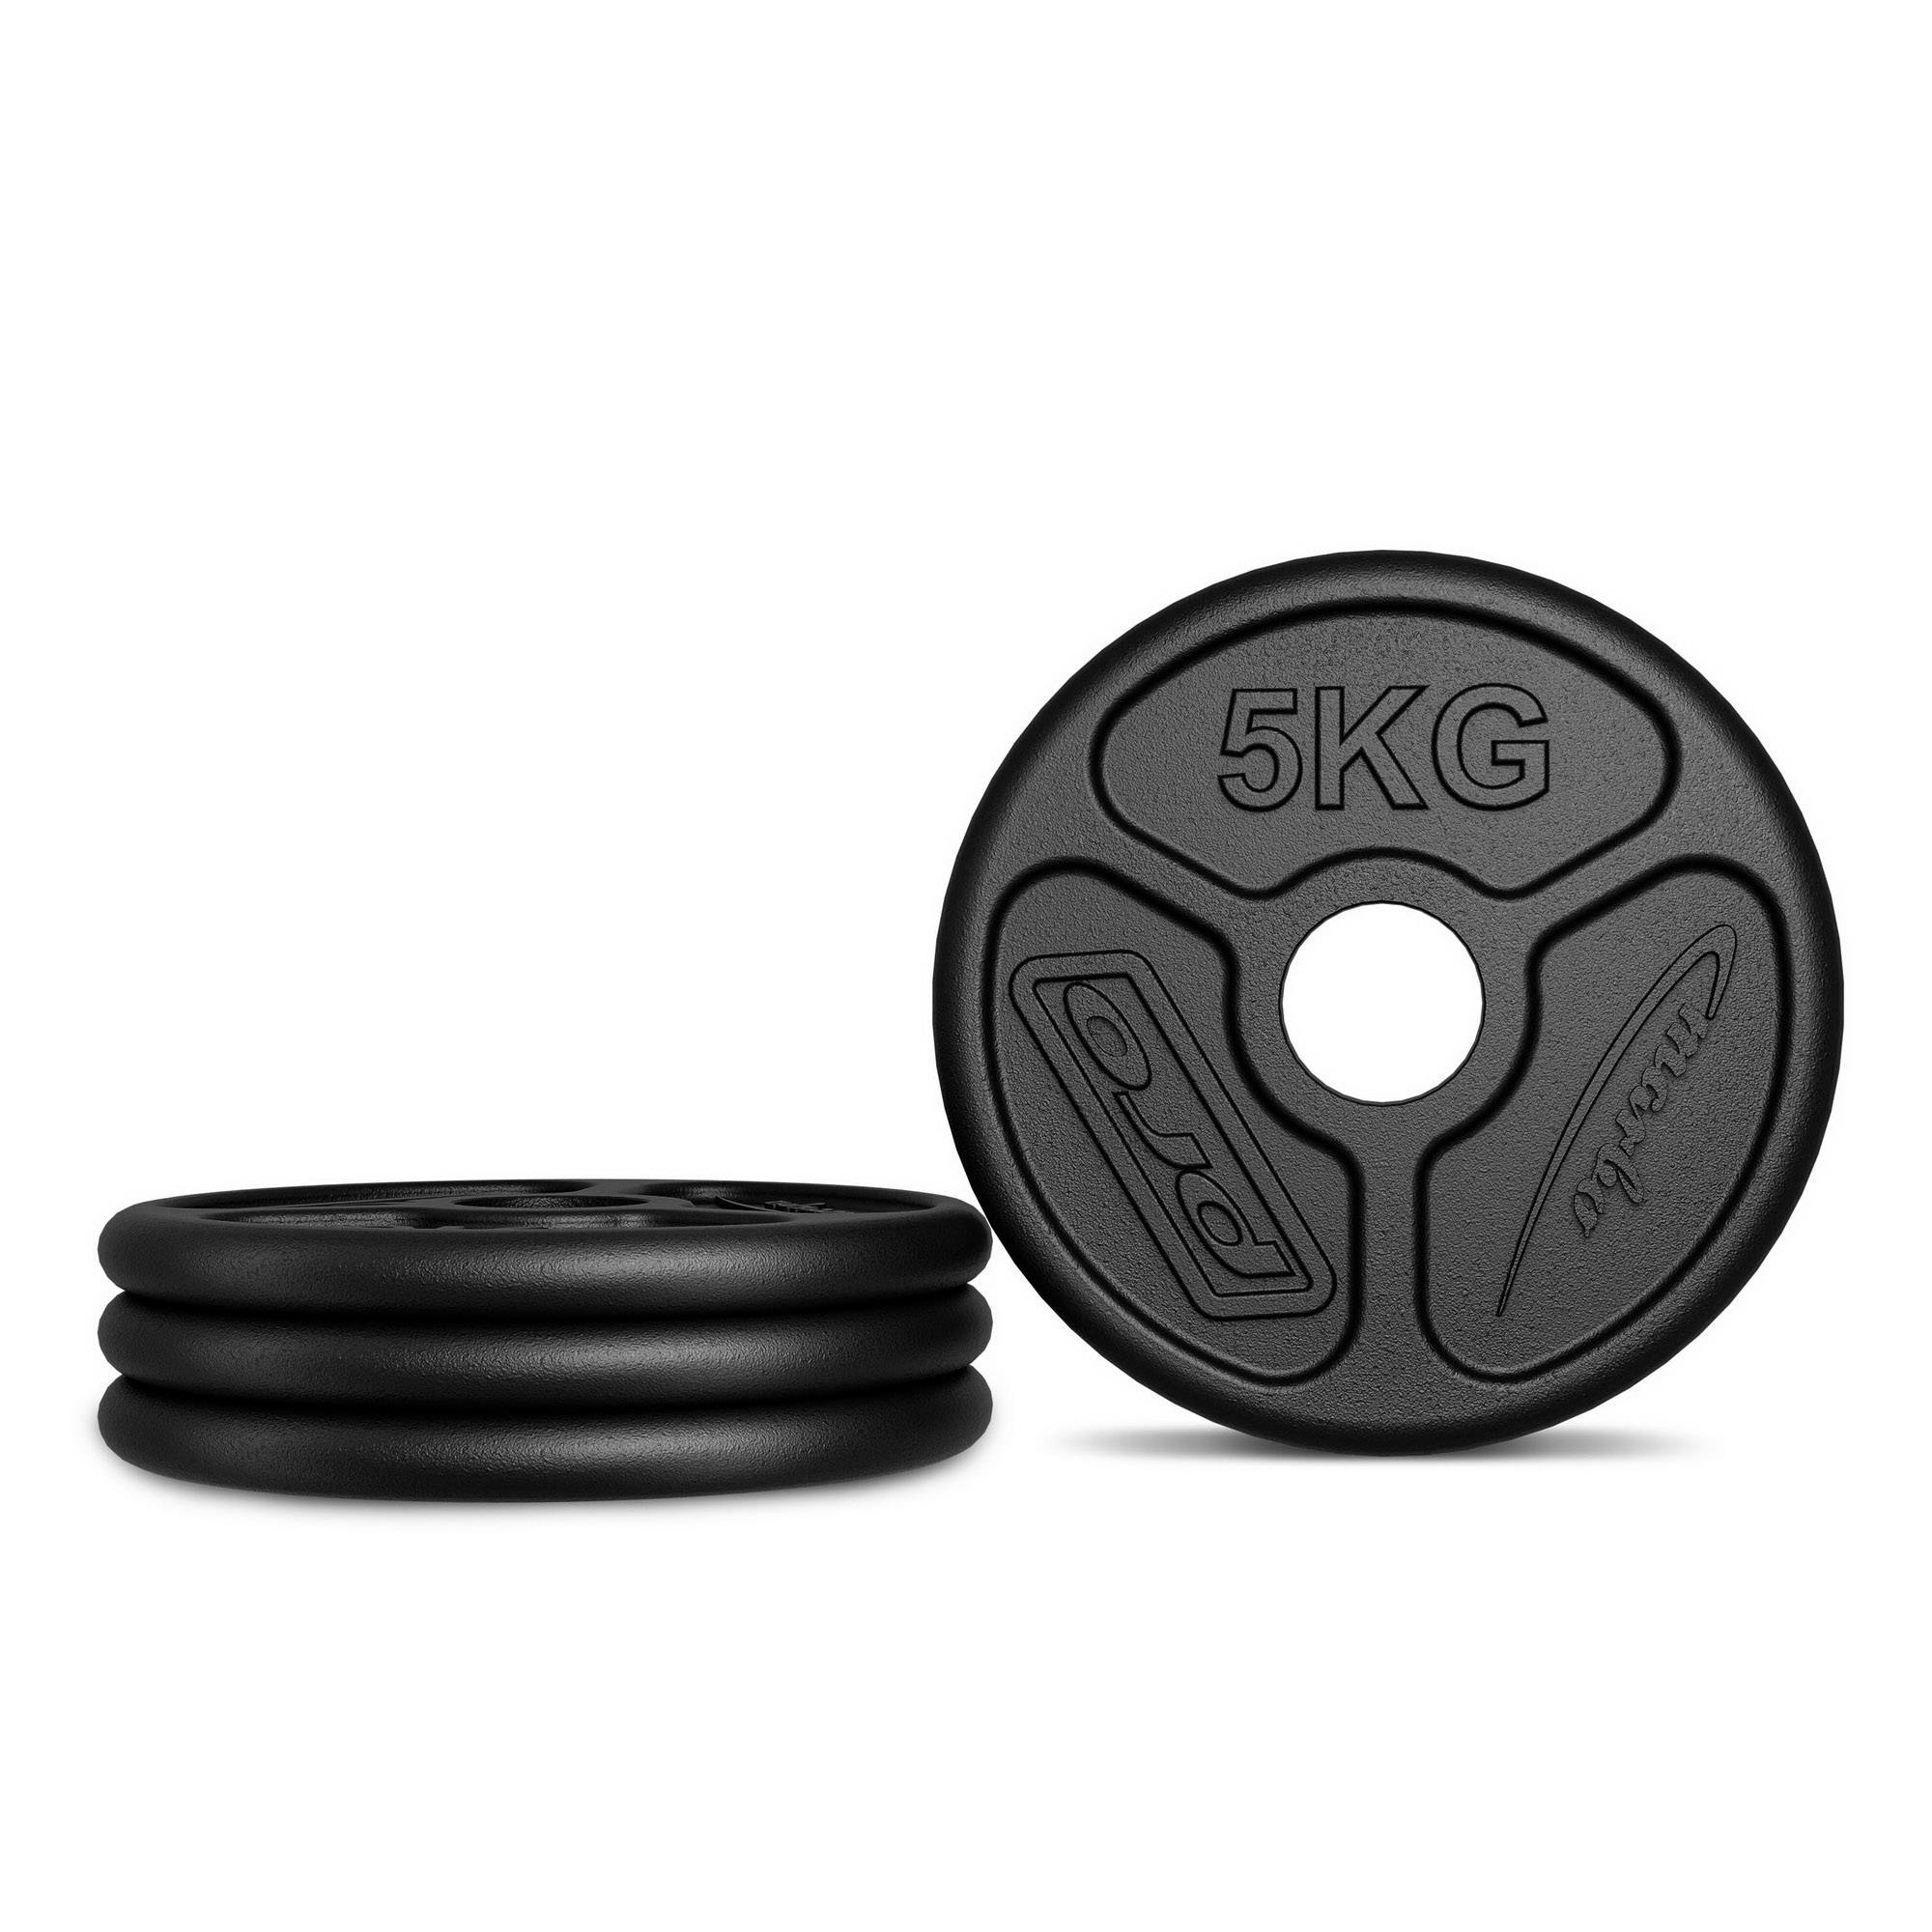 Marbo Sport Olympia Guss Hantelscheiben-Set Gewichte mit /ø50//51 mm Bohrung Set 30kg Made in EU 50kg 60kg zur Auswahl